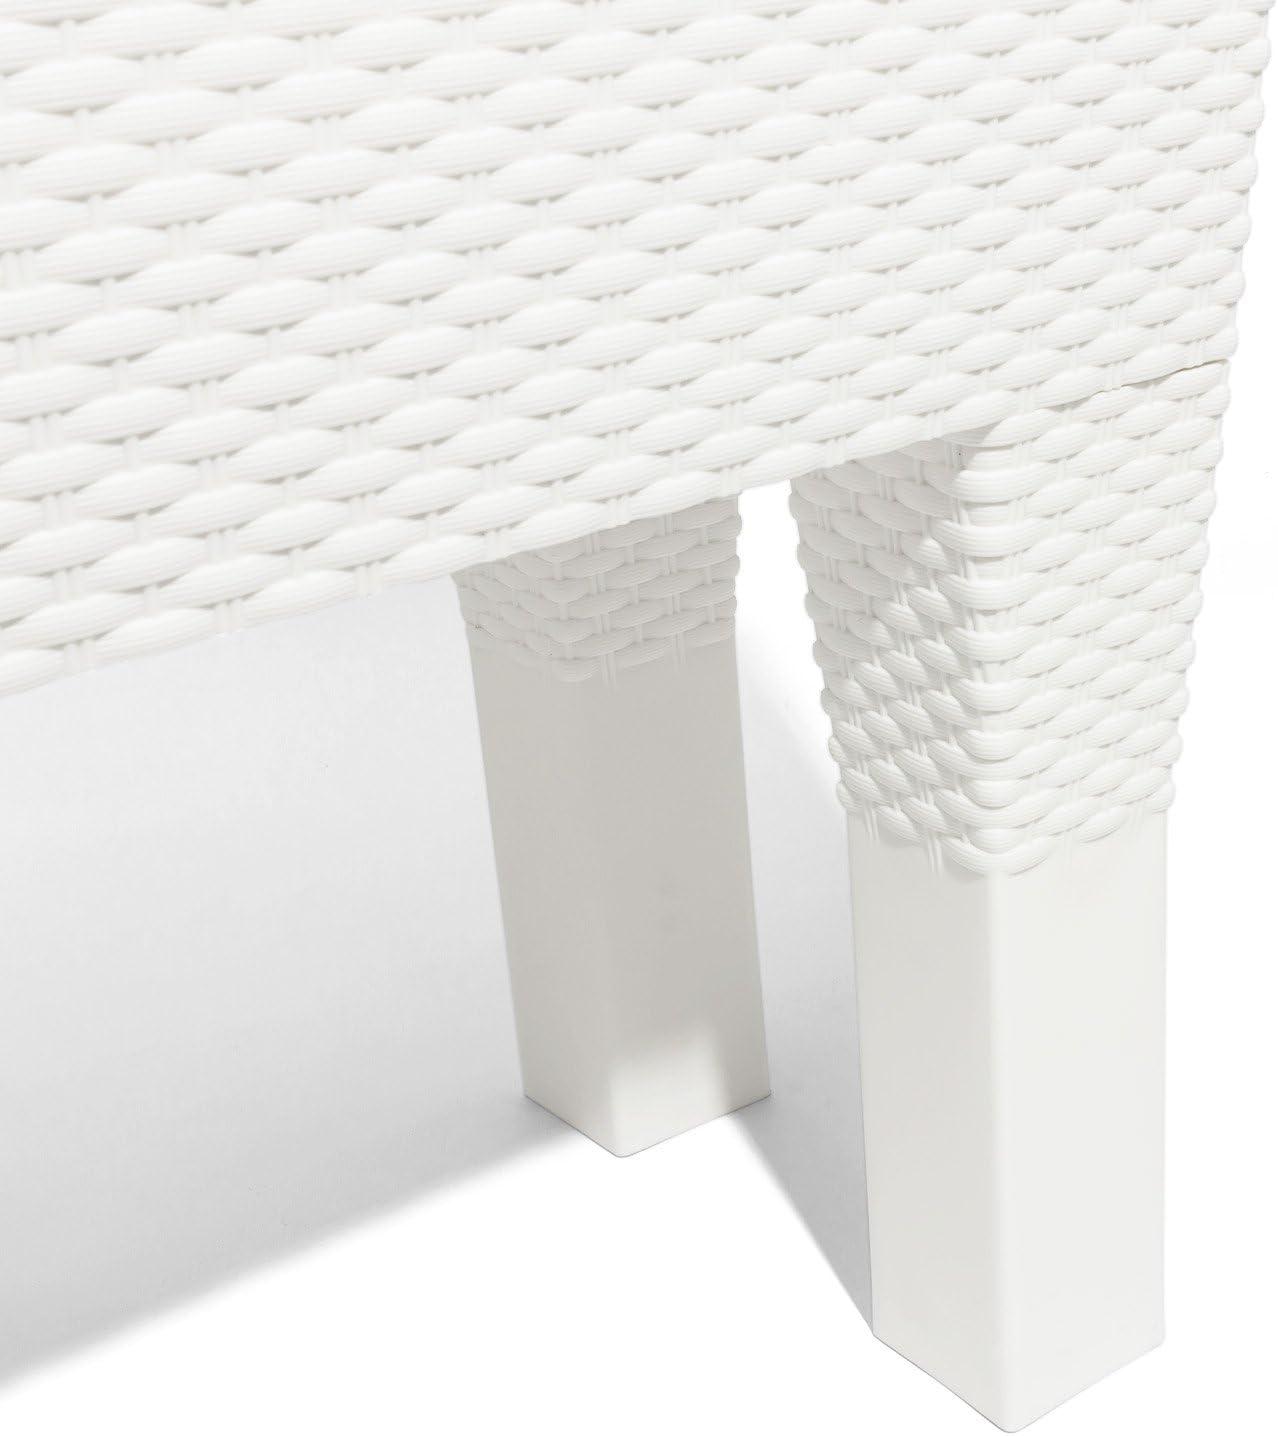 Zanvic Lofly Jardinera Blanco 57.8x25.7x22.4 cm